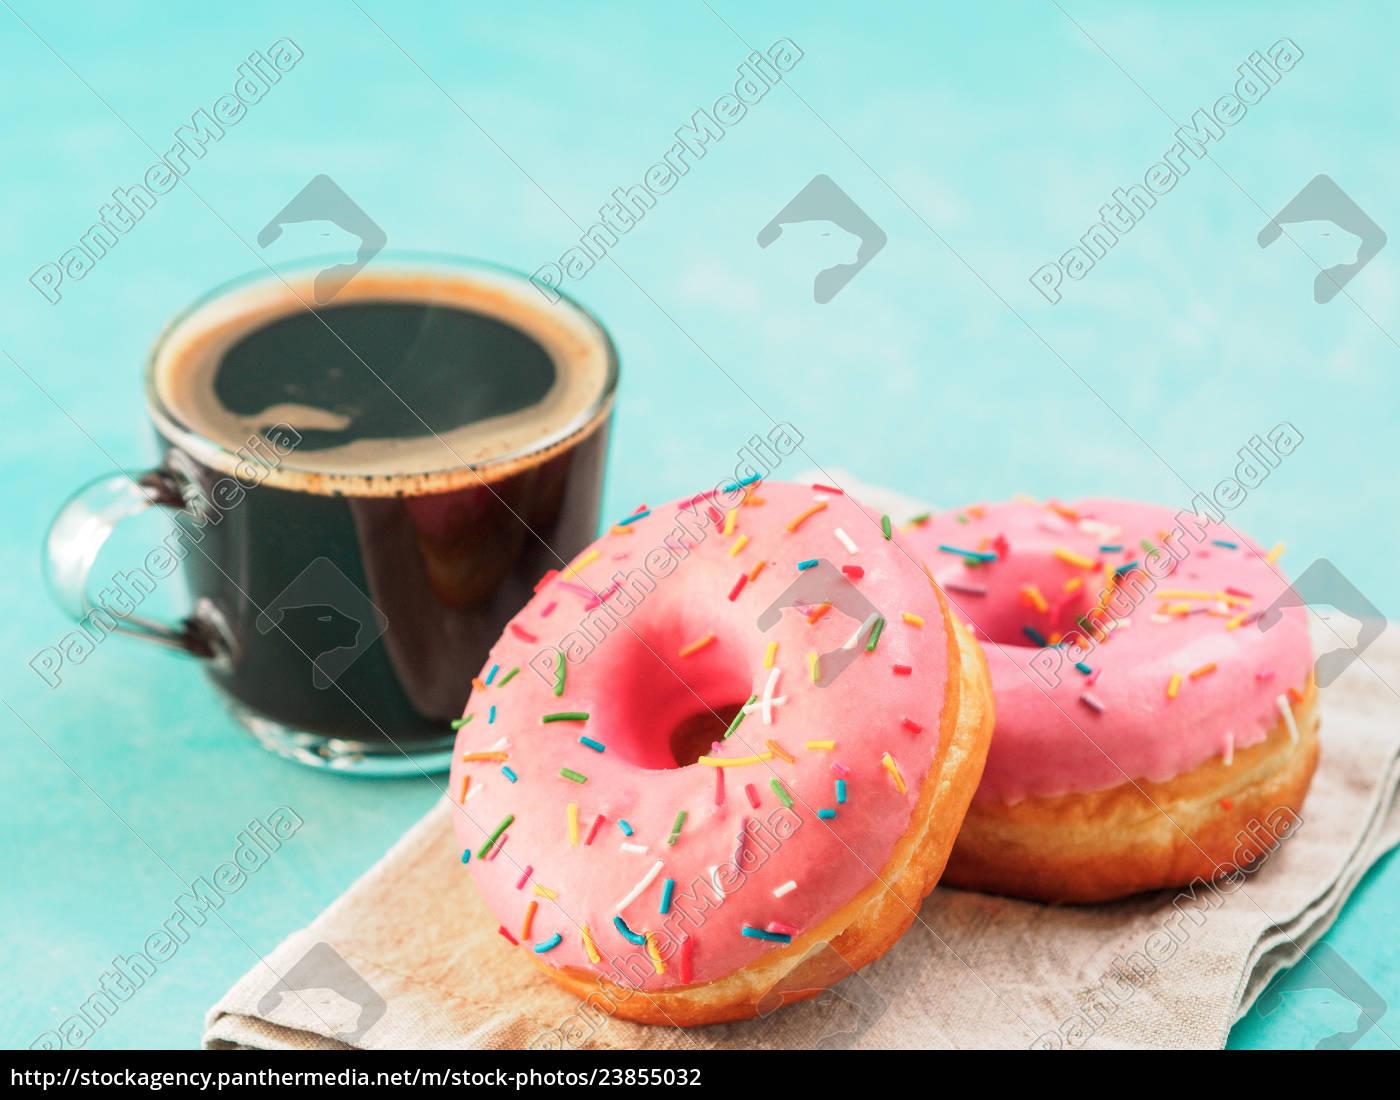 rosa, donuts, auf, blauem, hintergrund, kopienraum - 23855032